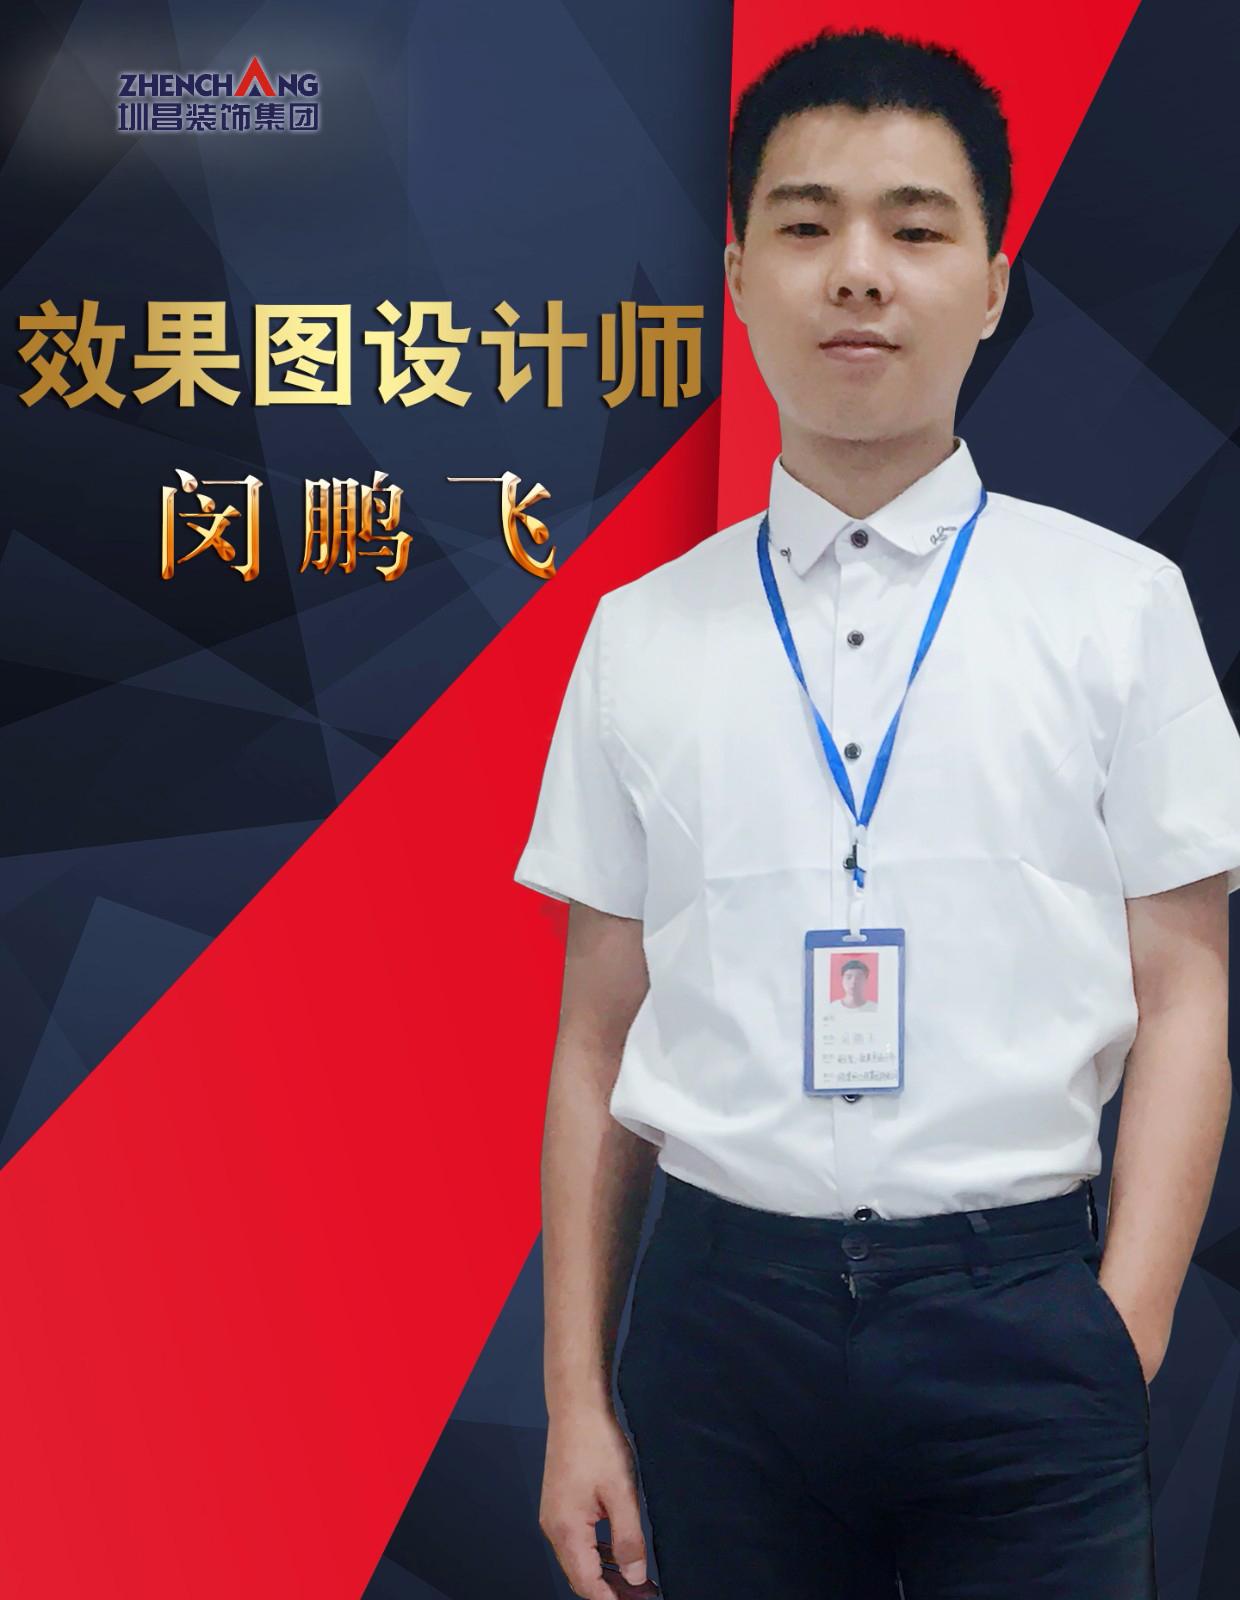 效果图设计师 闵鹏飞